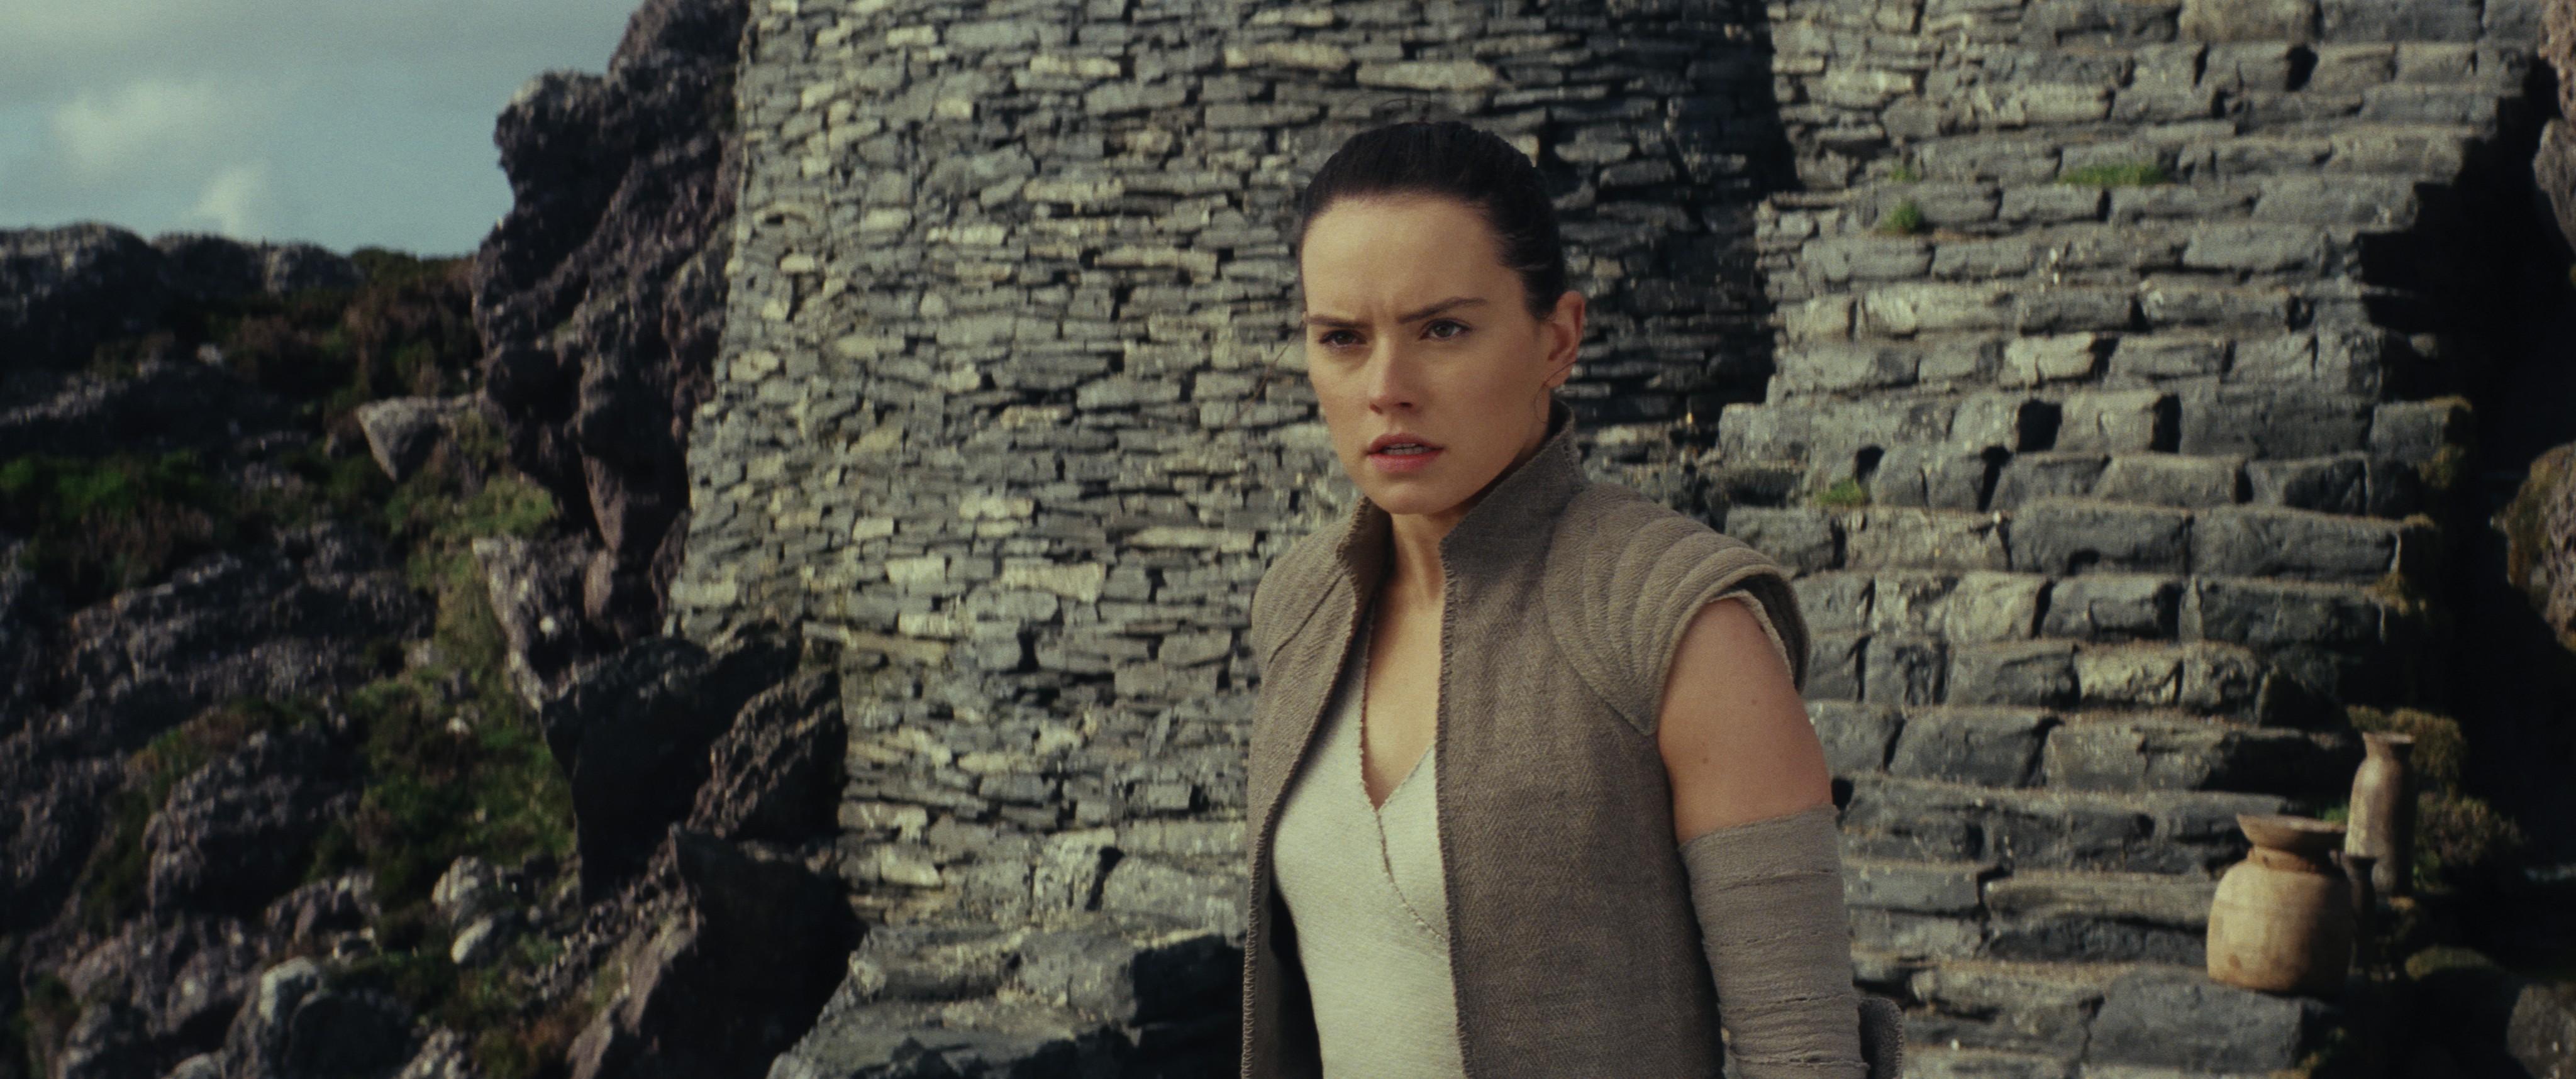 'Star Wars – Os Últimos Jedi' estreia em cinema de Ji-Paraná, RO